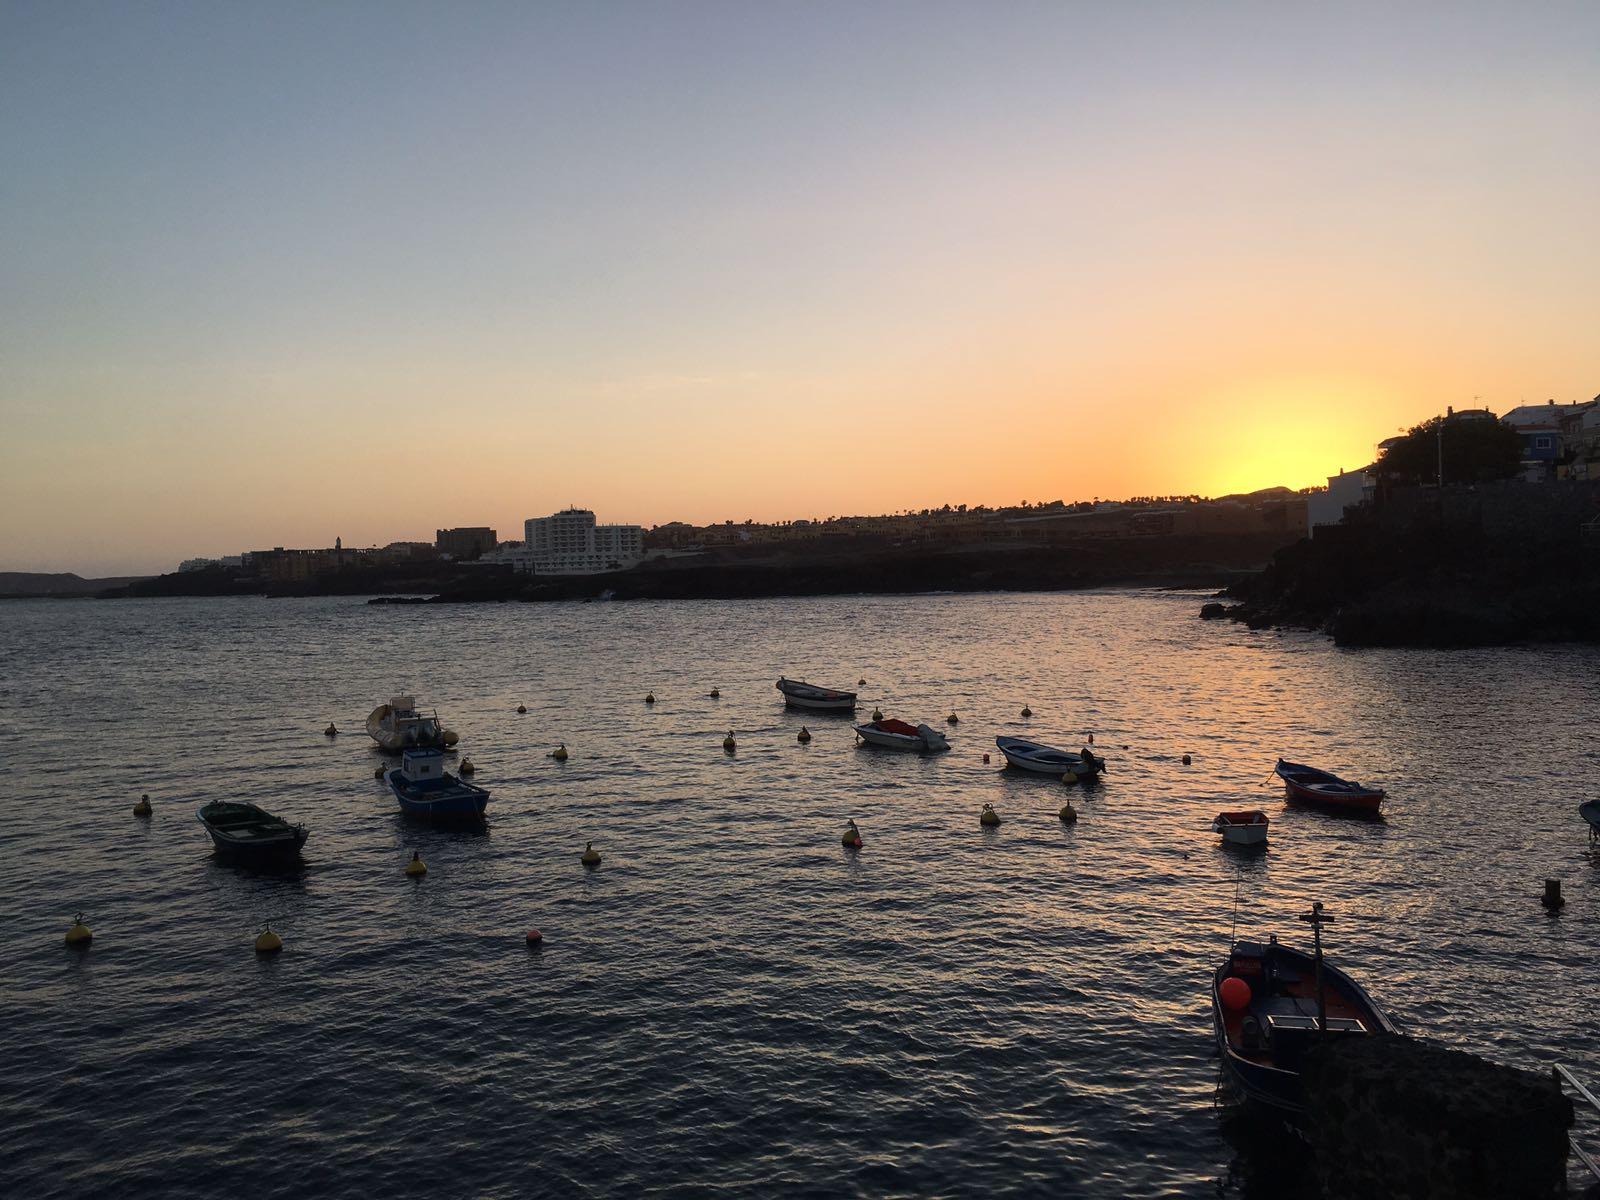 den Sonnenuntergang direkt am Meer beobachten oder von der Dachterrasse aus